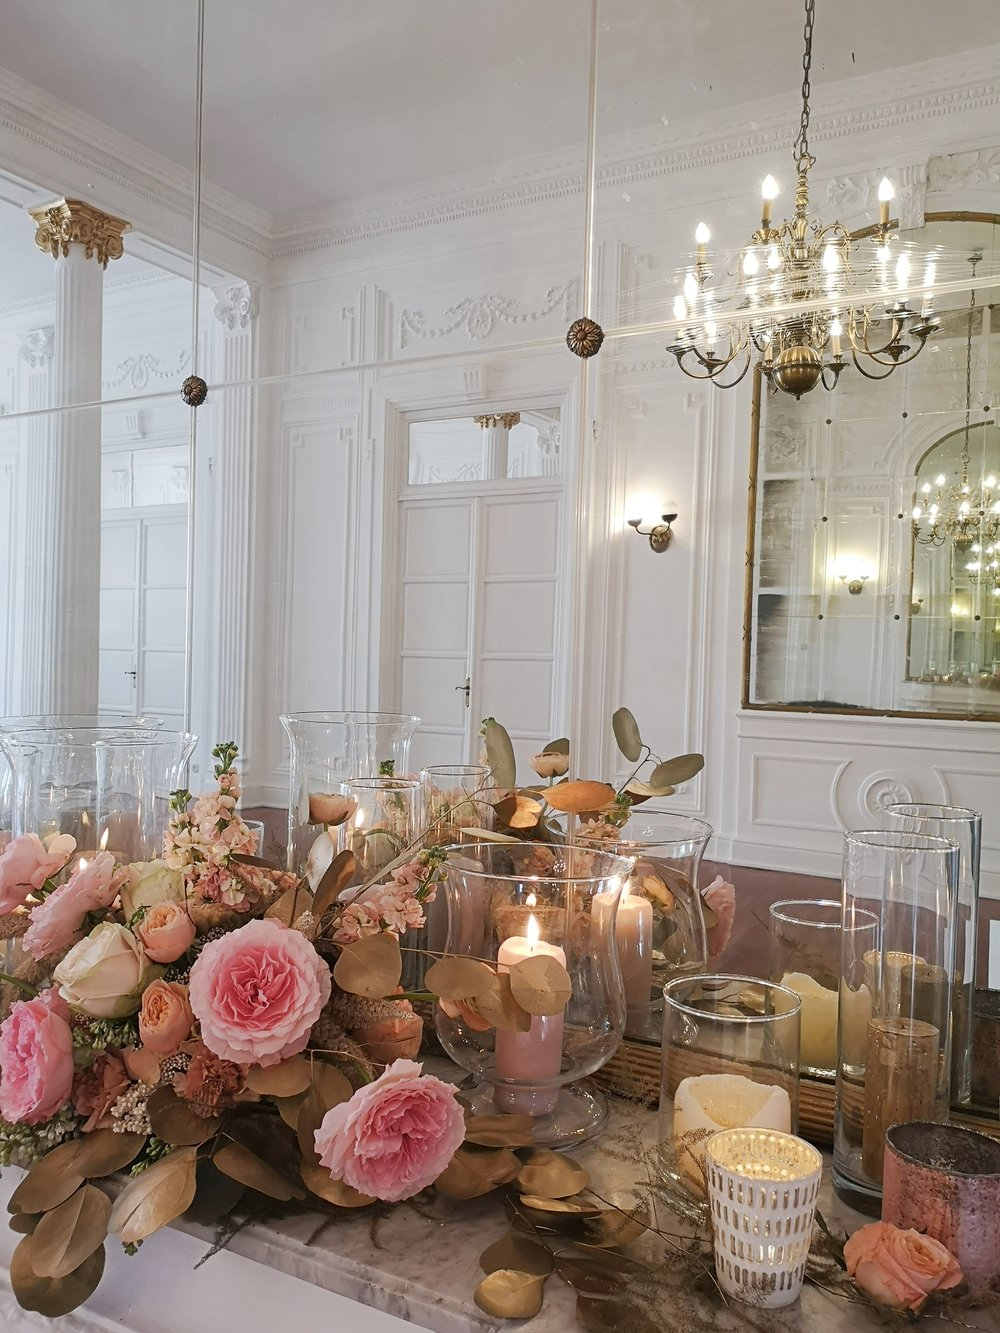 Cuando os digo que el evento fue elegante, es que fue elegante. Mirad con qué detalle decoraron cada uno de los rincones de la estancia.